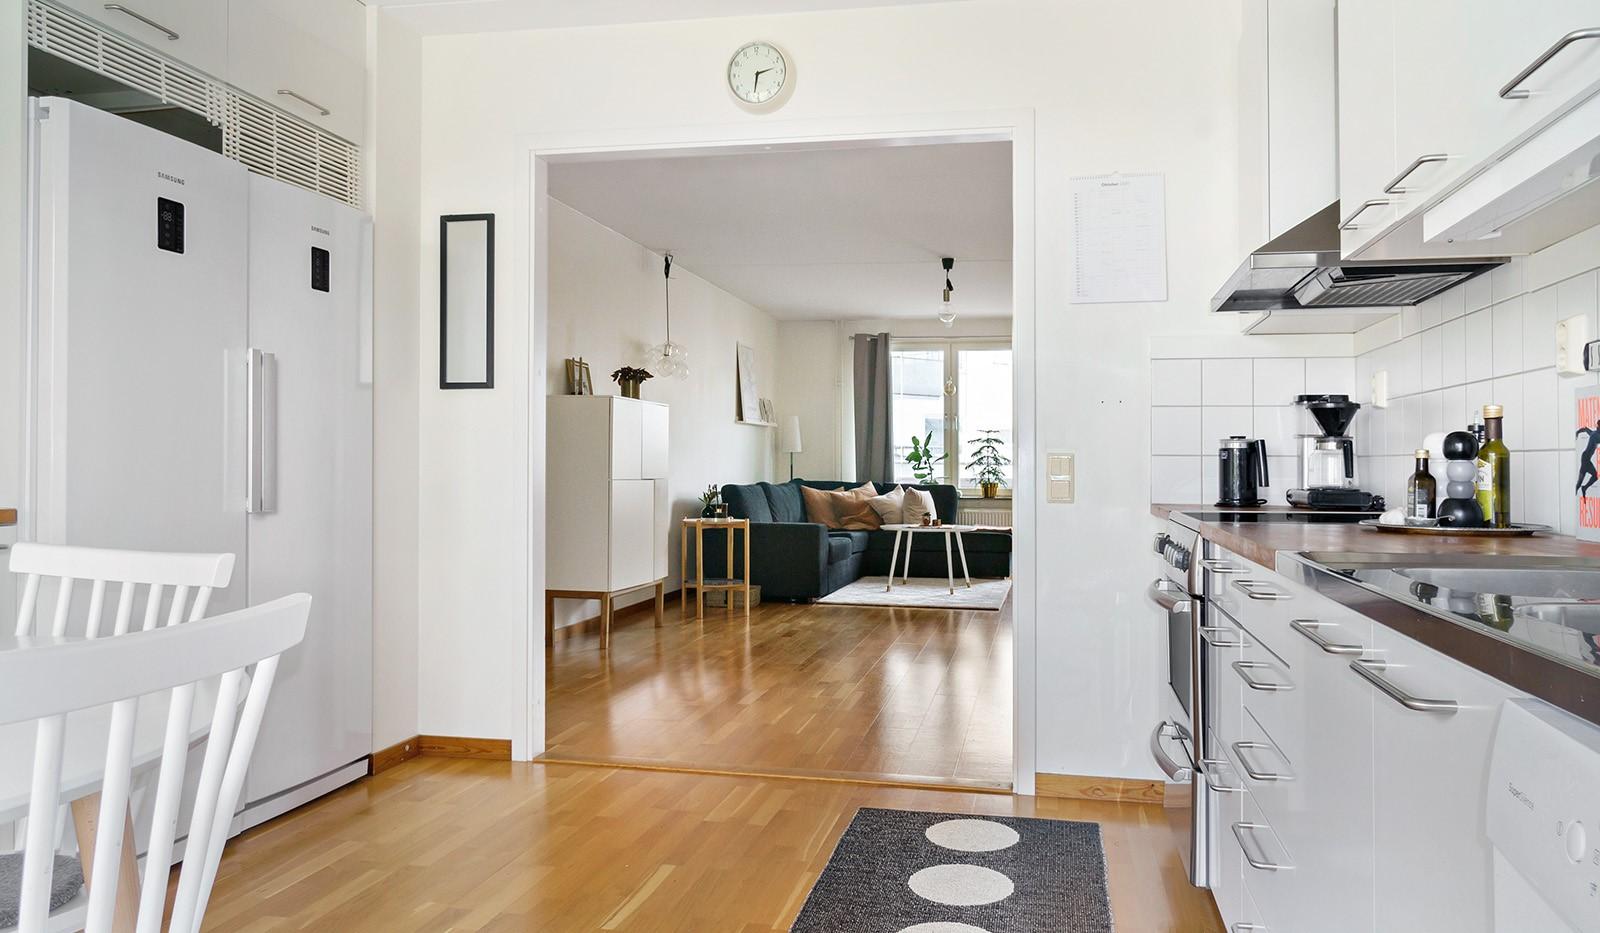 Hildebergsvägen 16, 1 tr - Öppen planlösning mellan kök och vardagsrum